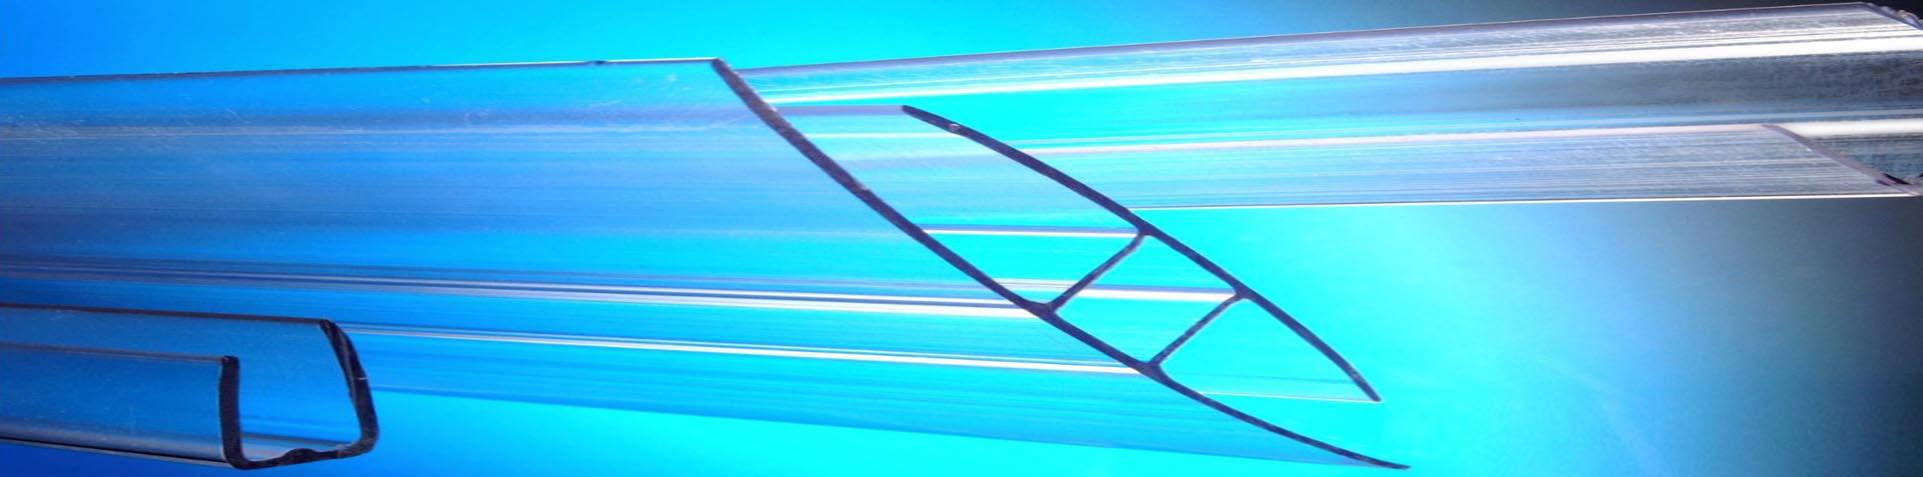 Phụ kiện nẹp nhựa thì công tấm lợp polycarbonate chính hãng